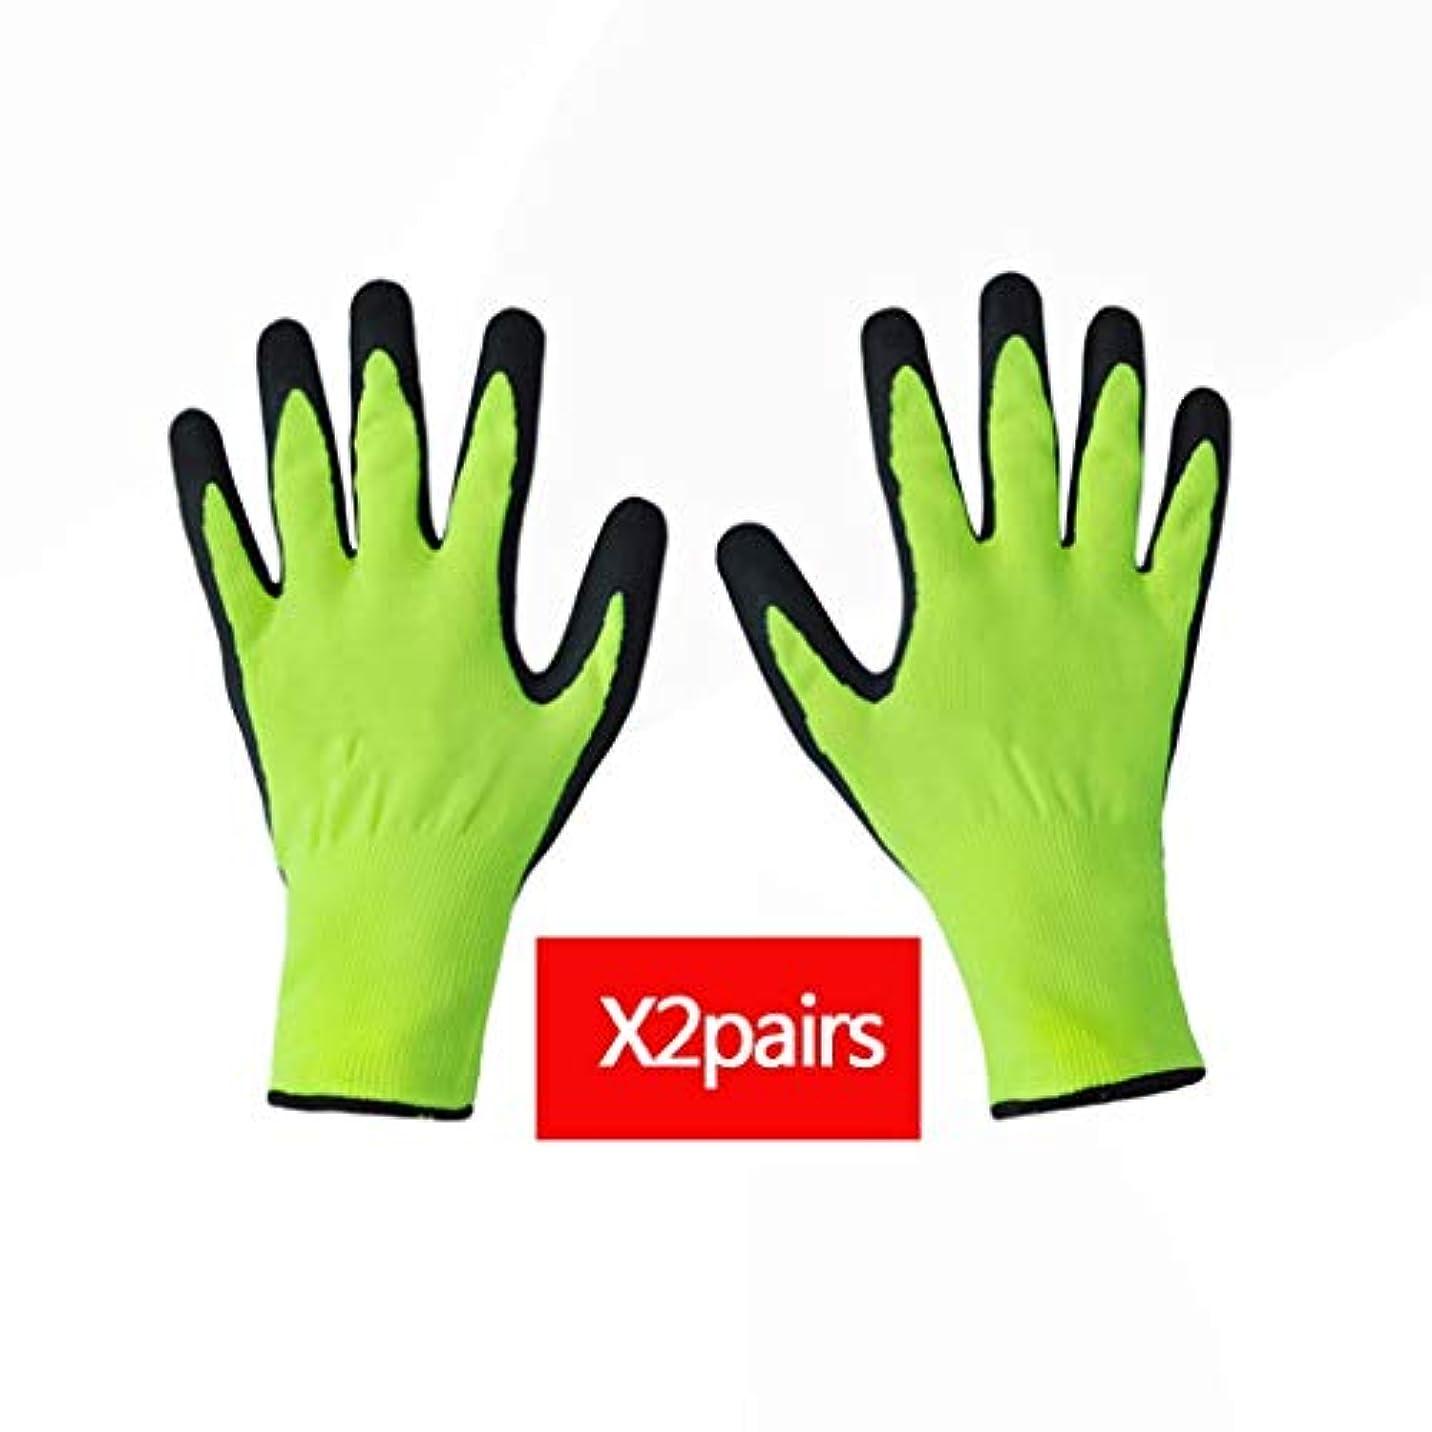 米ドルペインティング押すLIUXIN ラバーコート手袋浸した工業用労働保護手袋通気性1袋2ペアマルチサイズオプション ゴム手袋 (Size : M)